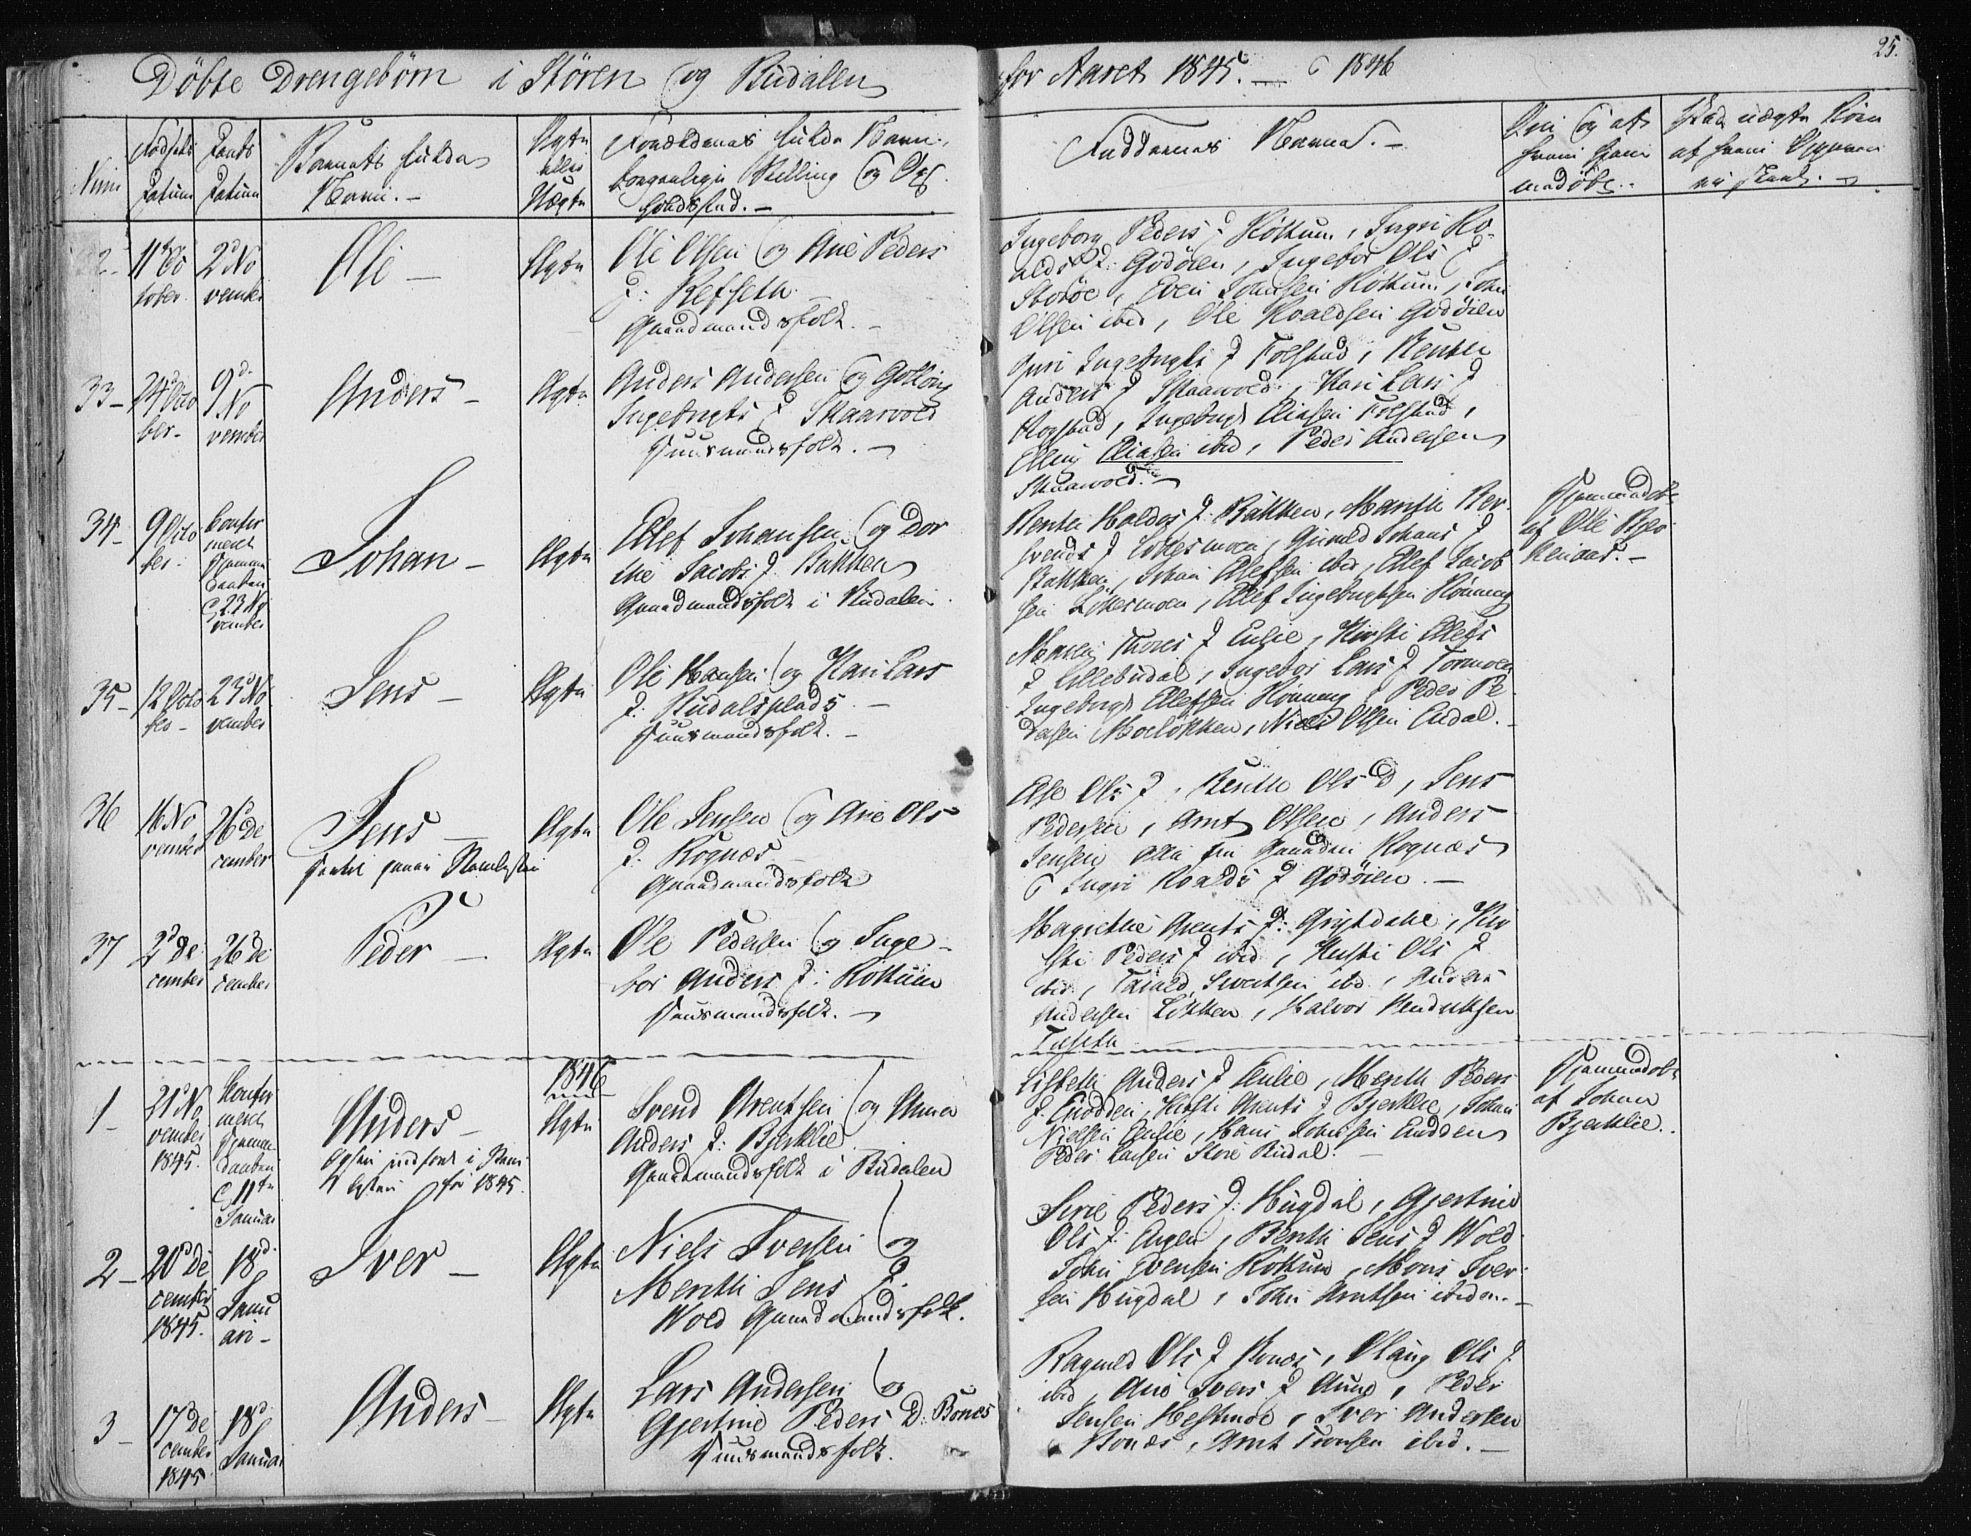 SAT, Ministerialprotokoller, klokkerbøker og fødselsregistre - Sør-Trøndelag, 687/L0997: Ministerialbok nr. 687A05 /1, 1843-1848, s. 25